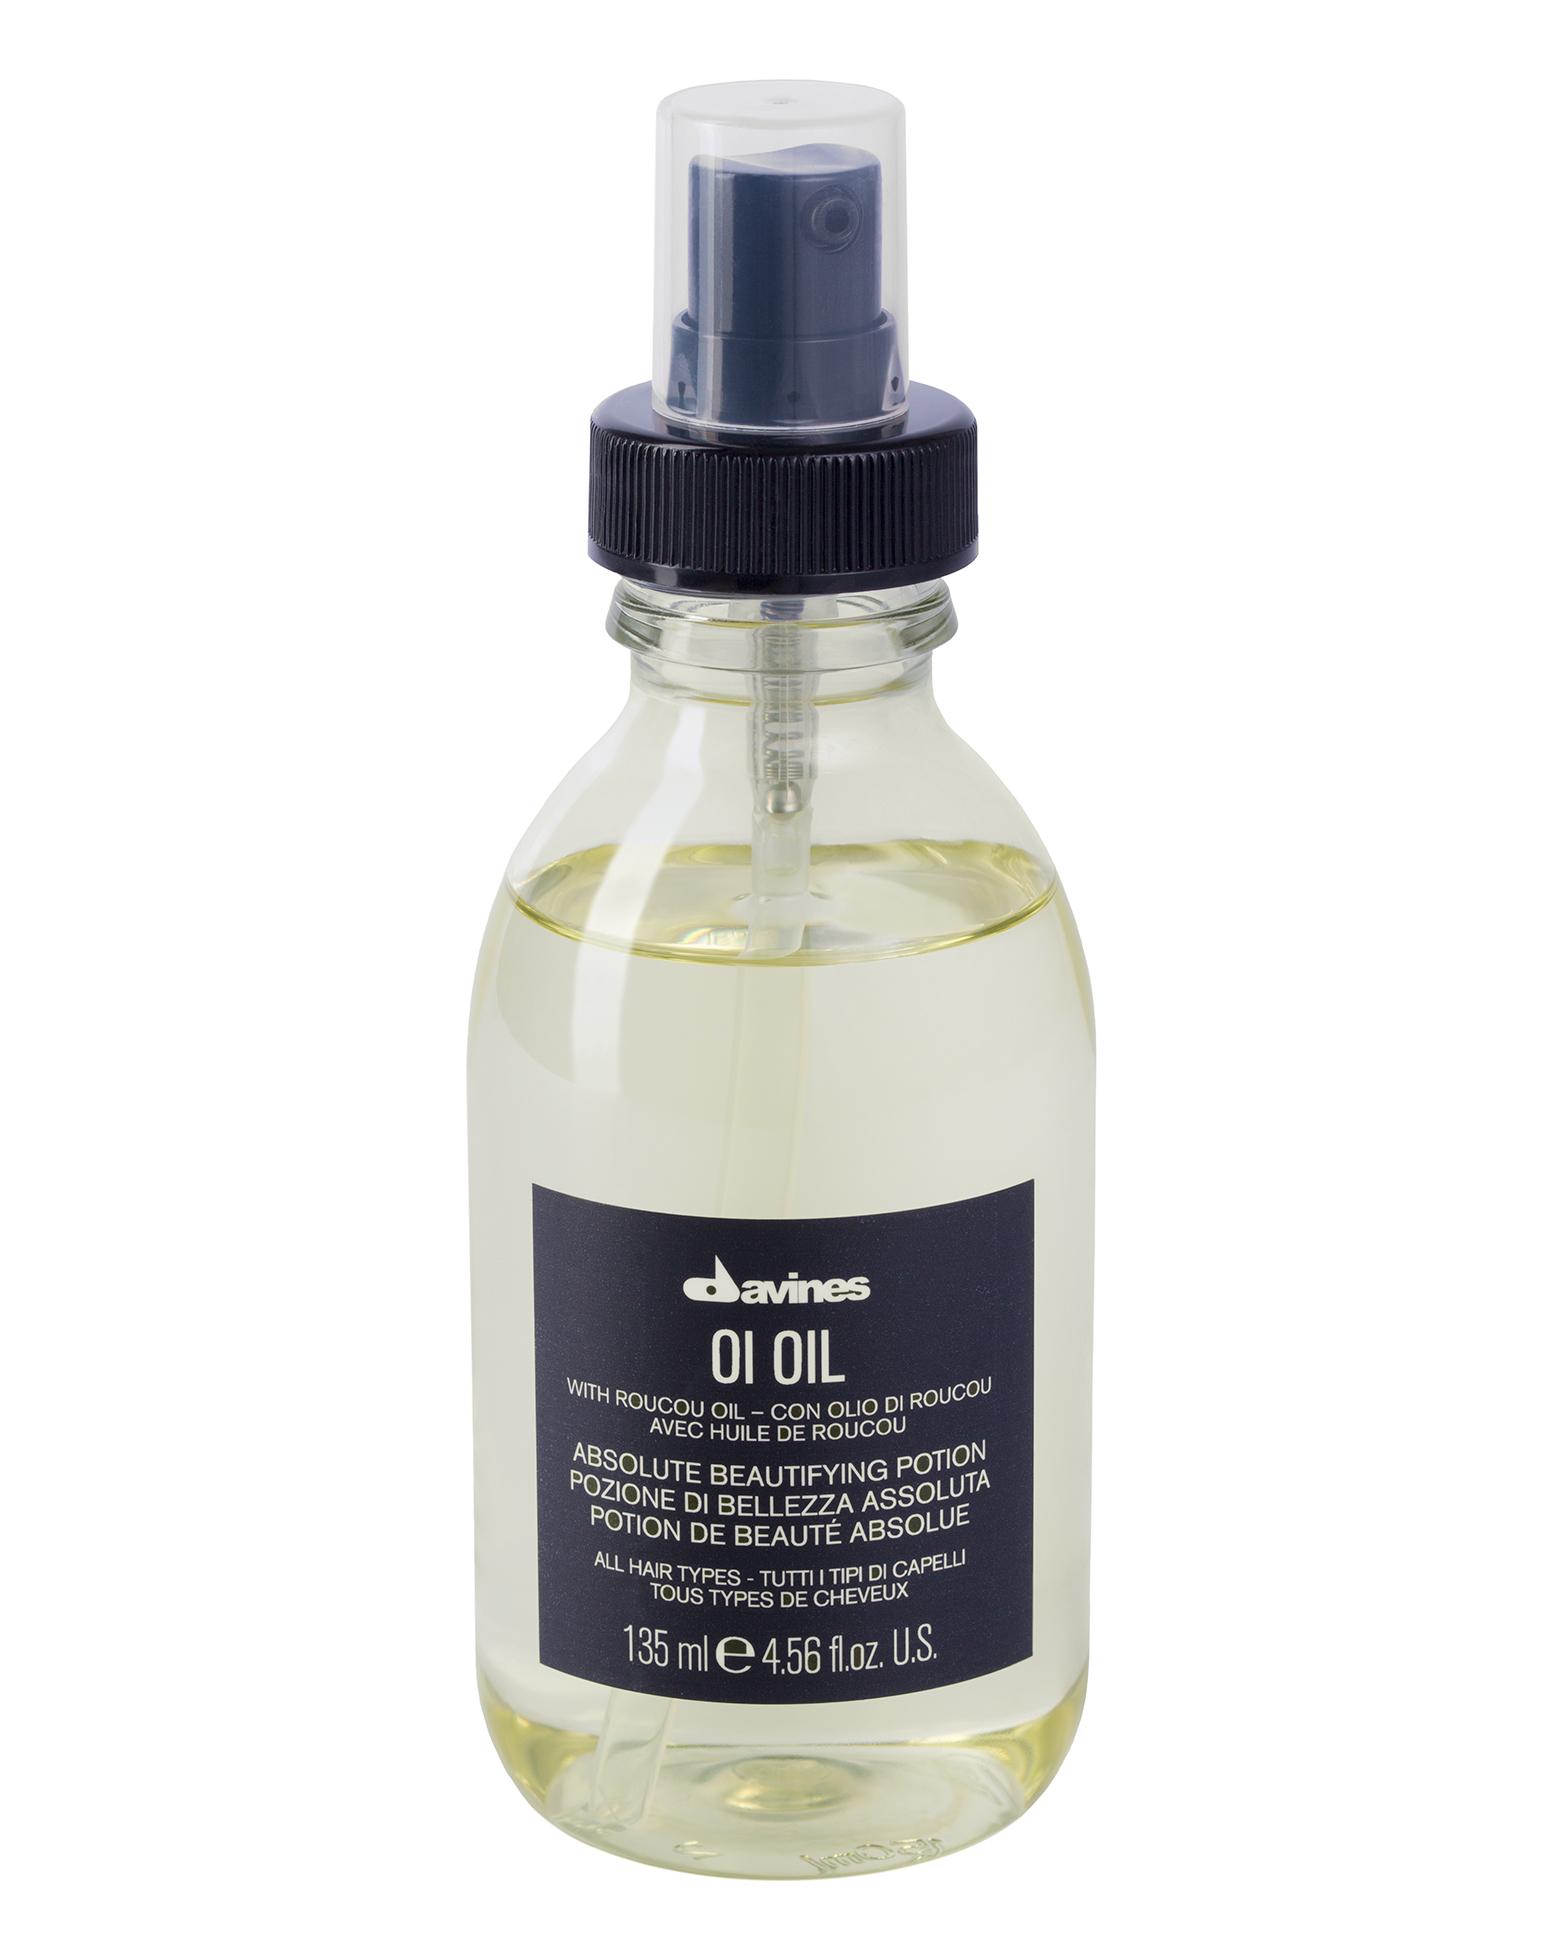 Davines OI OIL 135 ml   Tratamiento en Aceite 76000